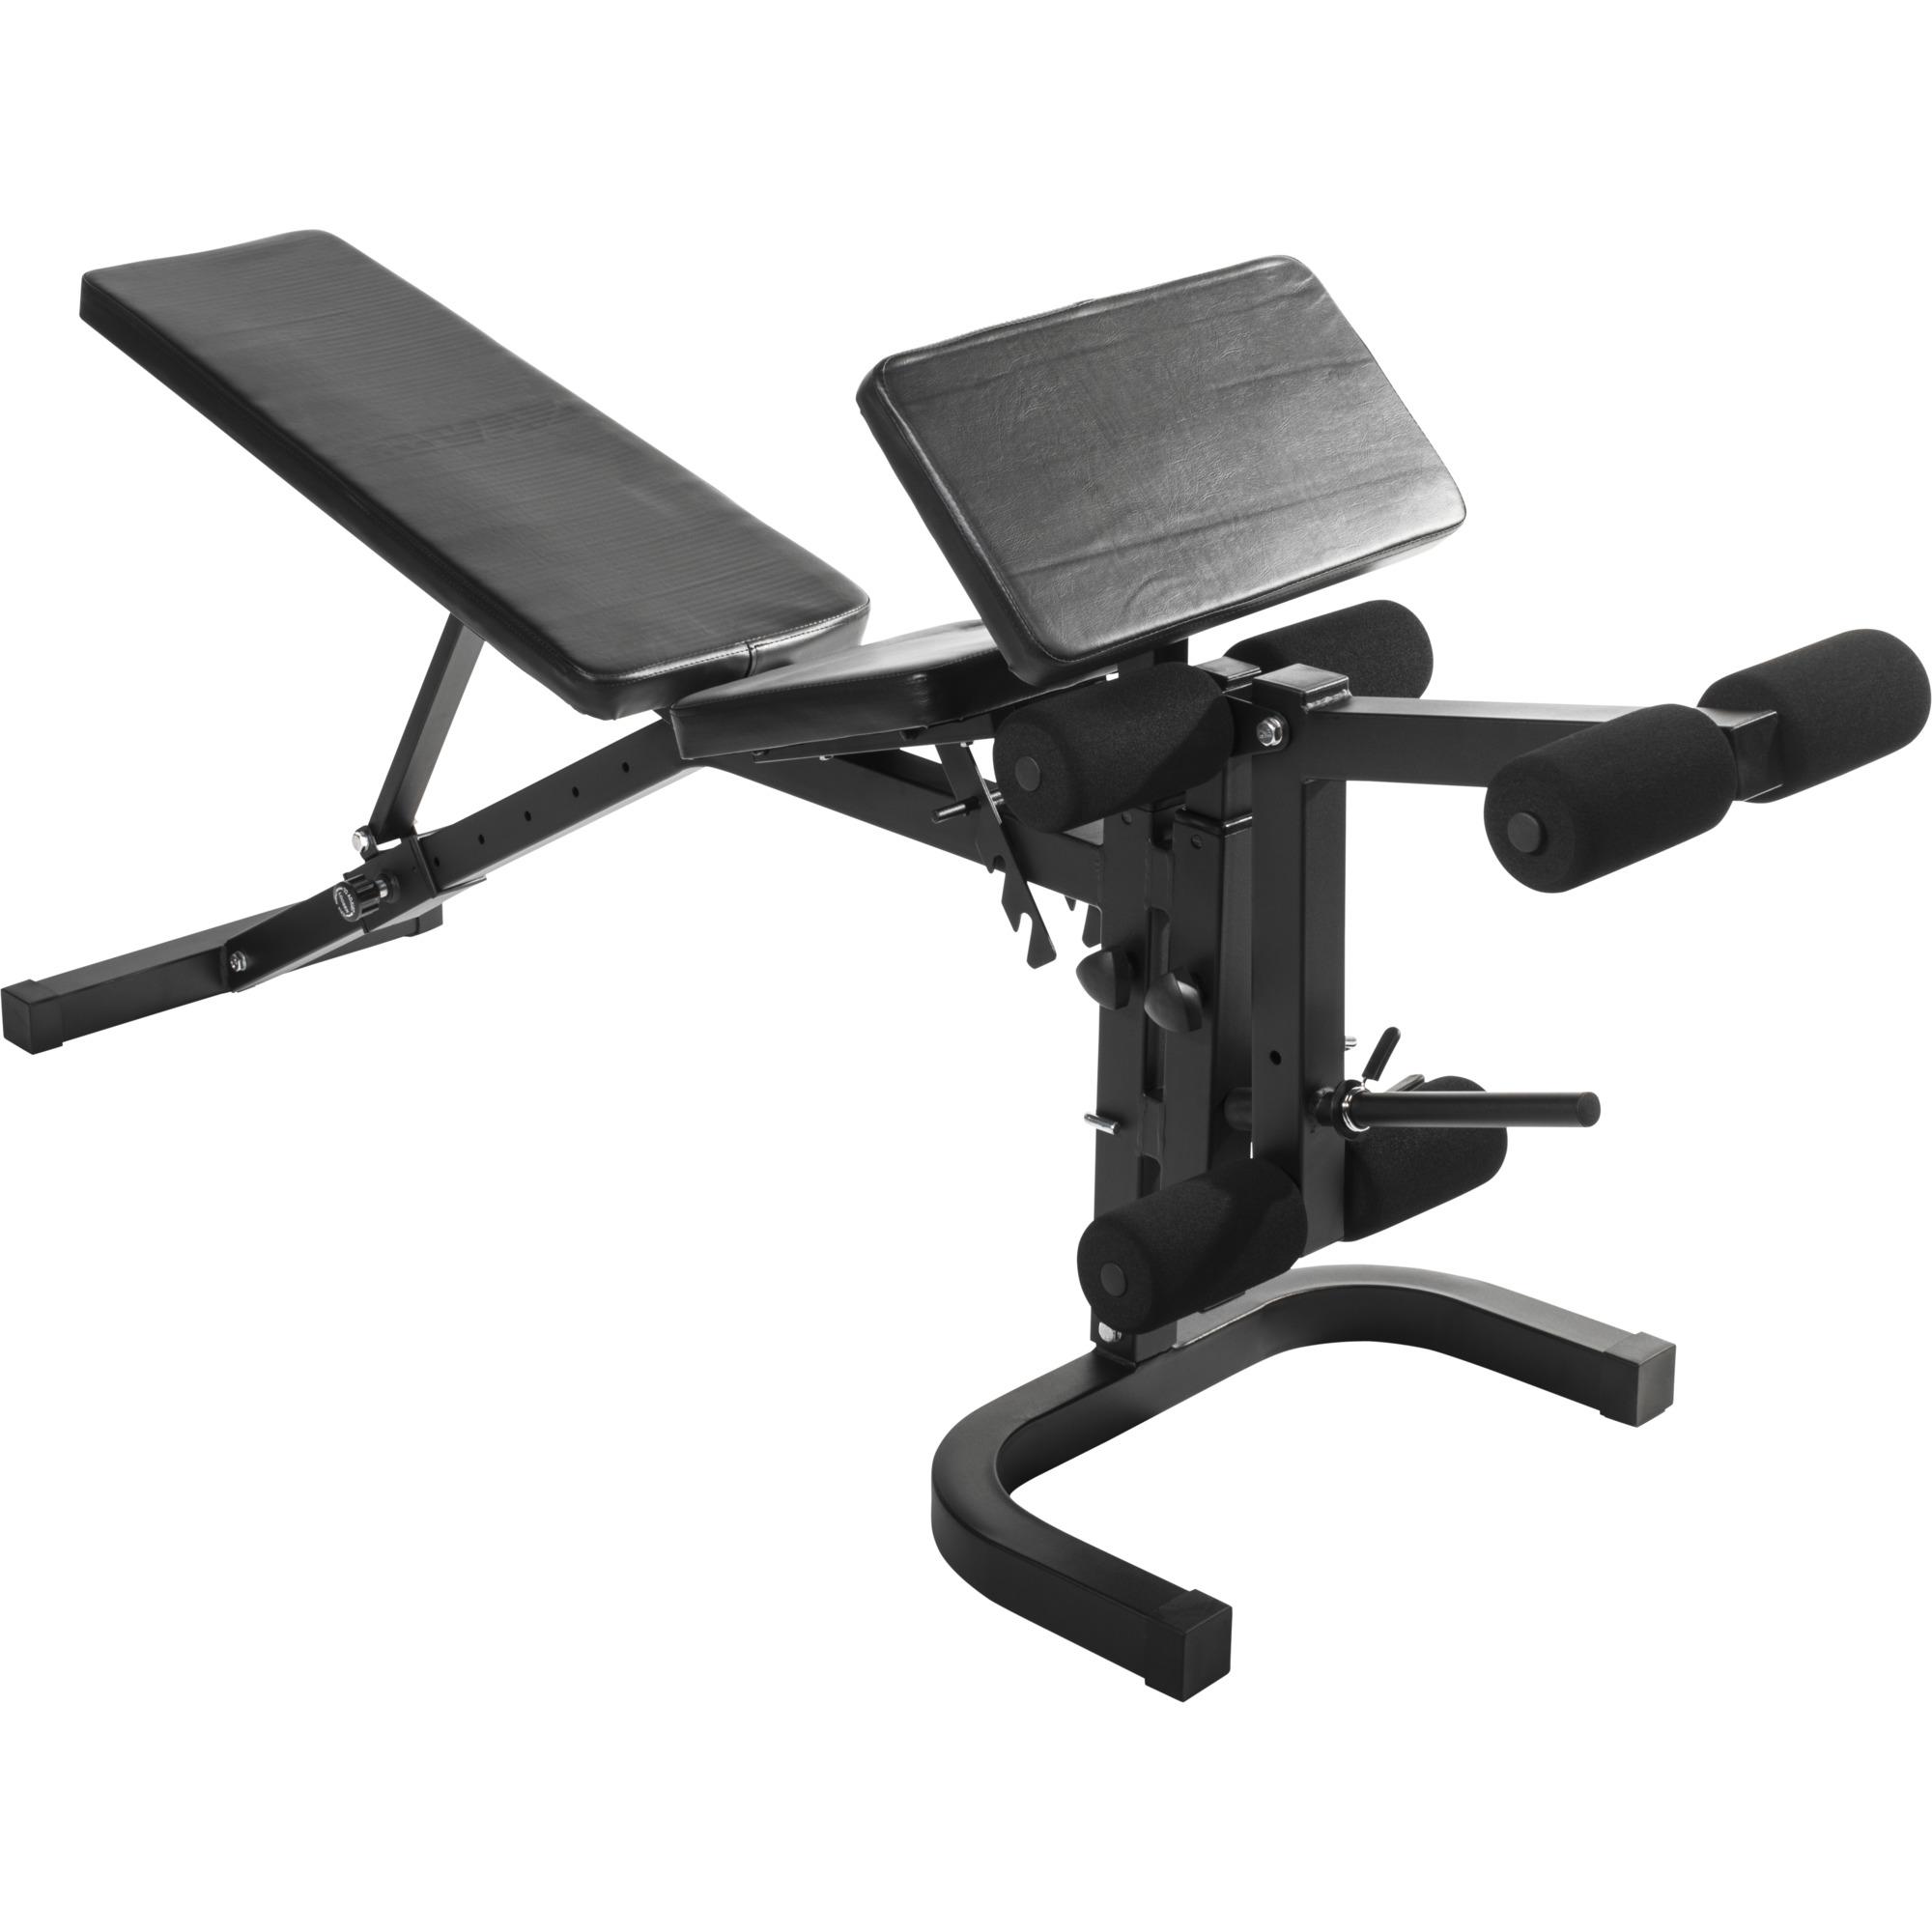 Home gym gorilla sports avec banc r glable s par 100909 00019 0001 - Banc de musculation gorilla sport ...